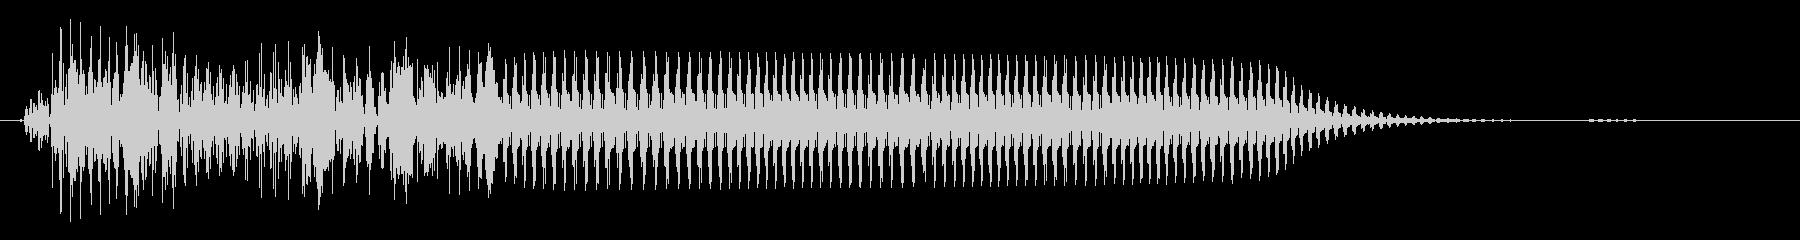 ビヨビョ〜ン(飛び出す)の未再生の波形